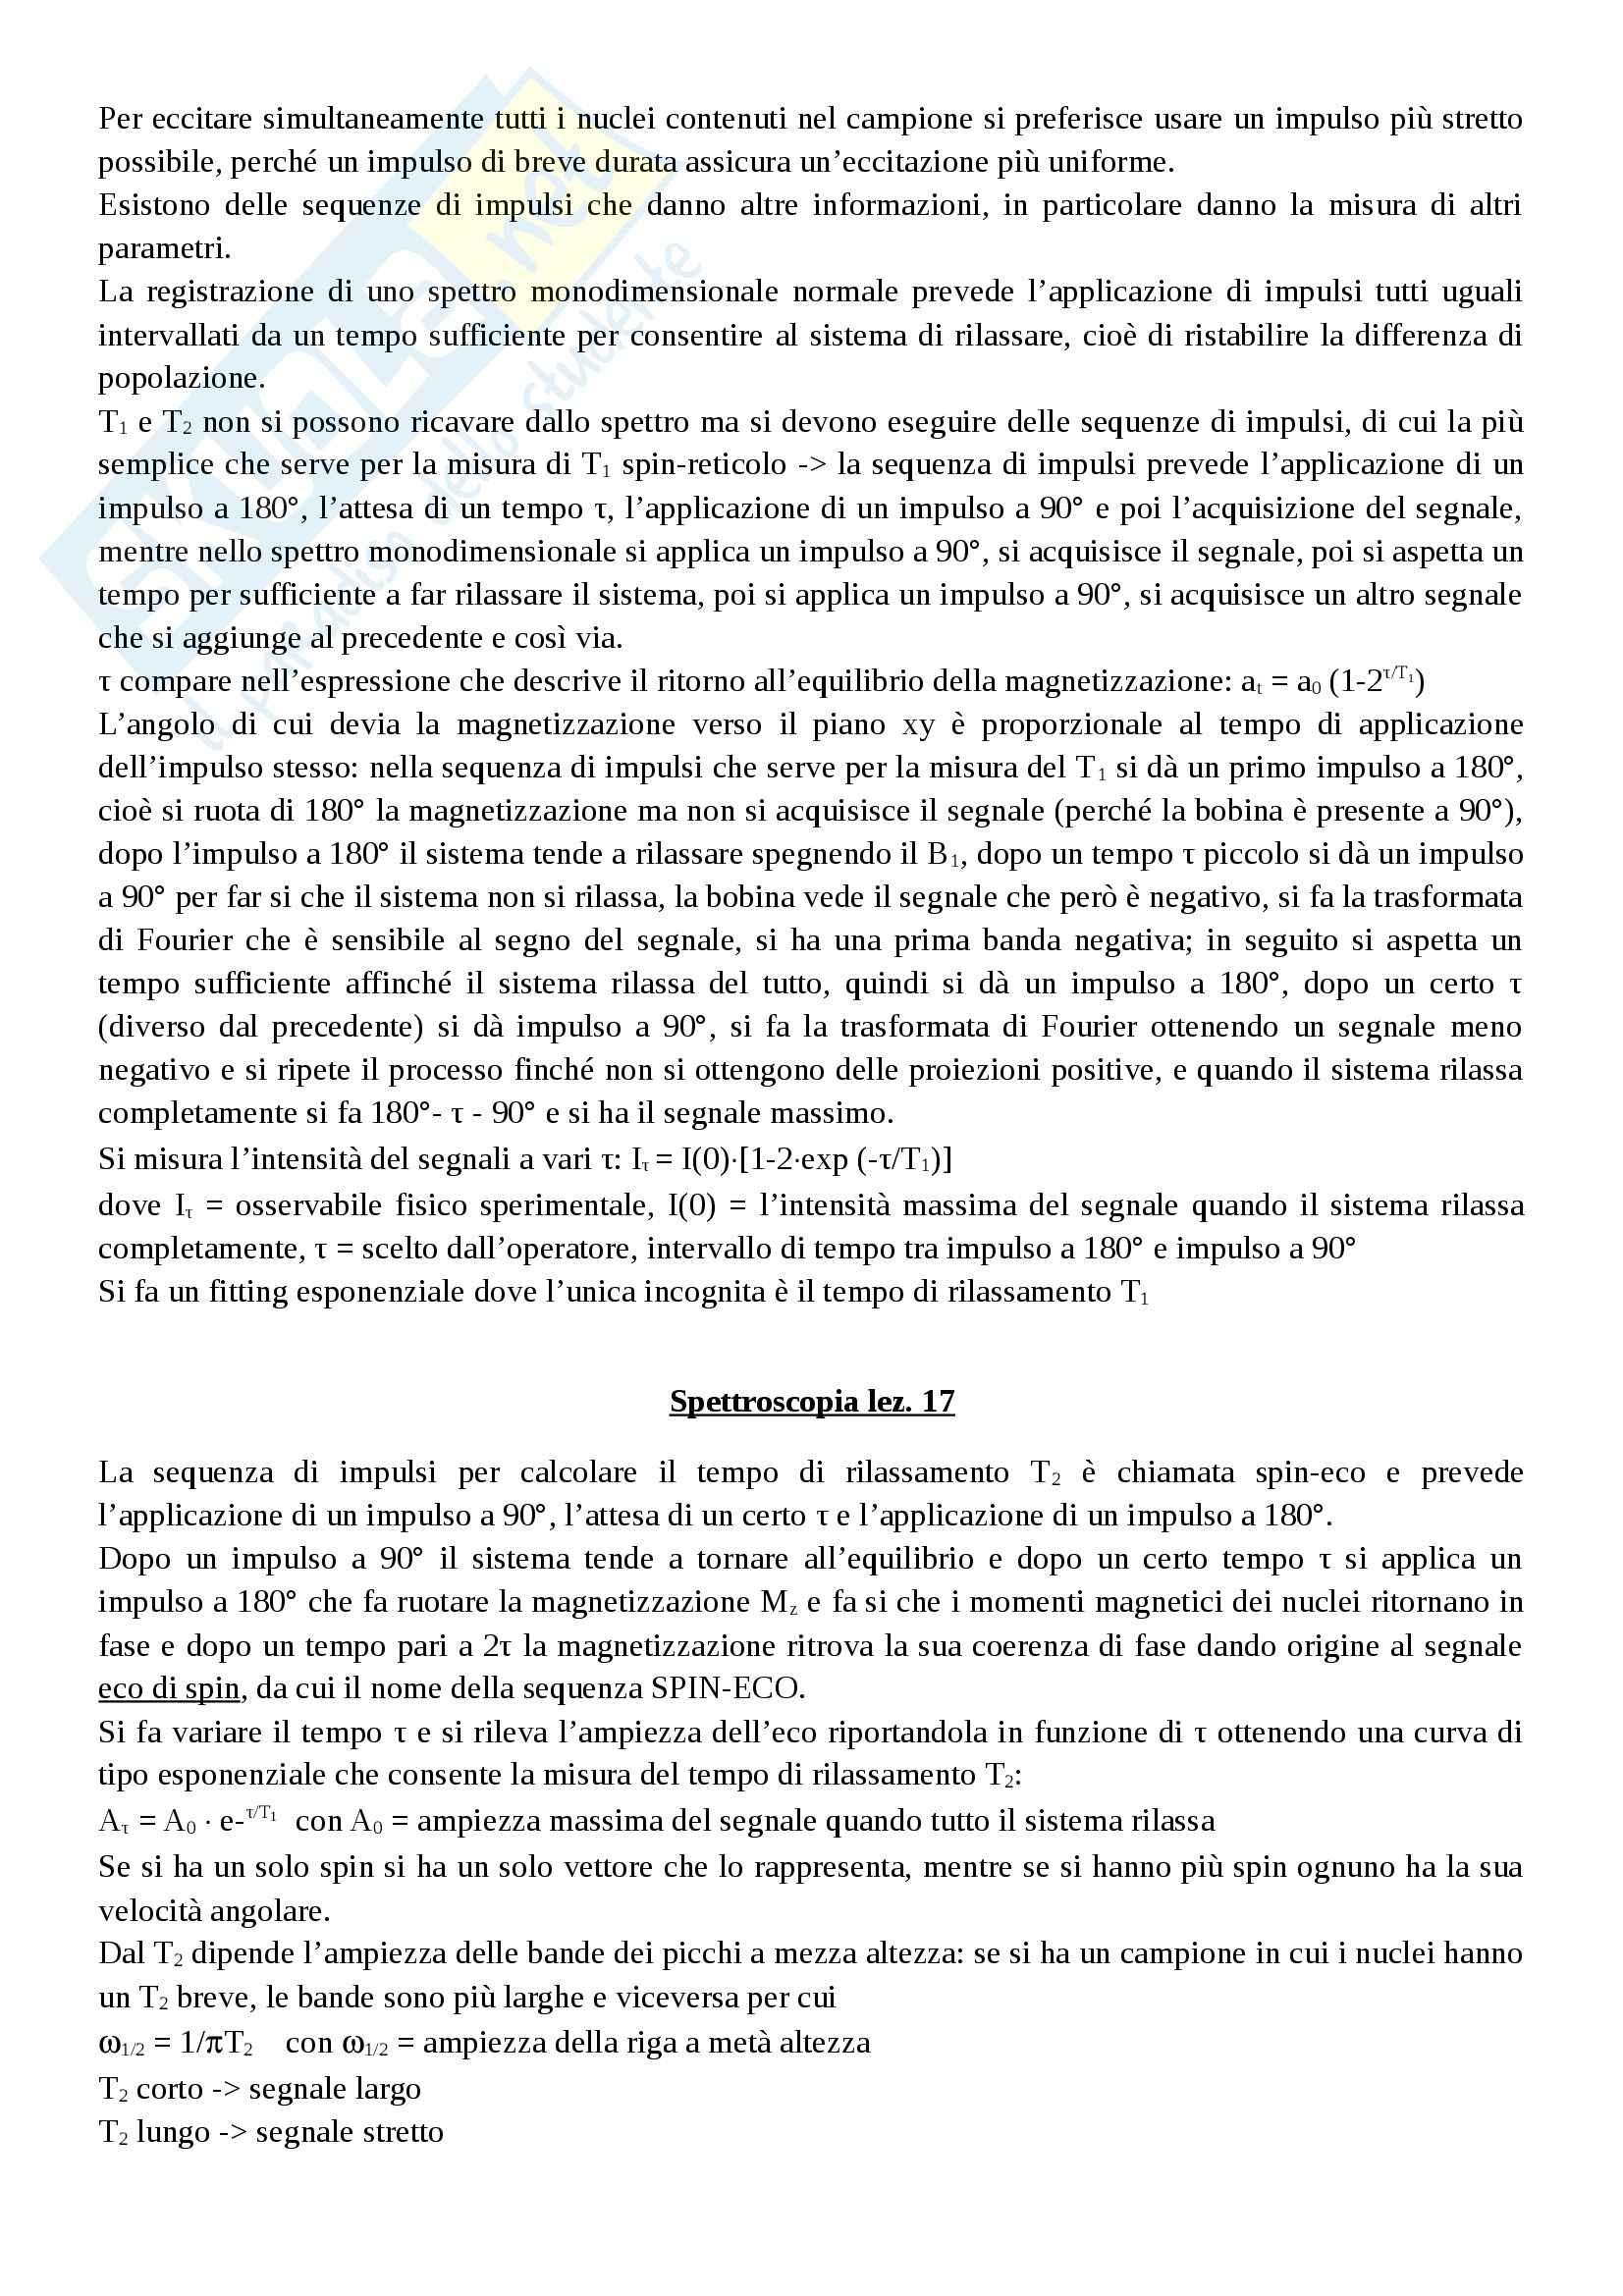 Spettroscopia - Appunti Pag. 51